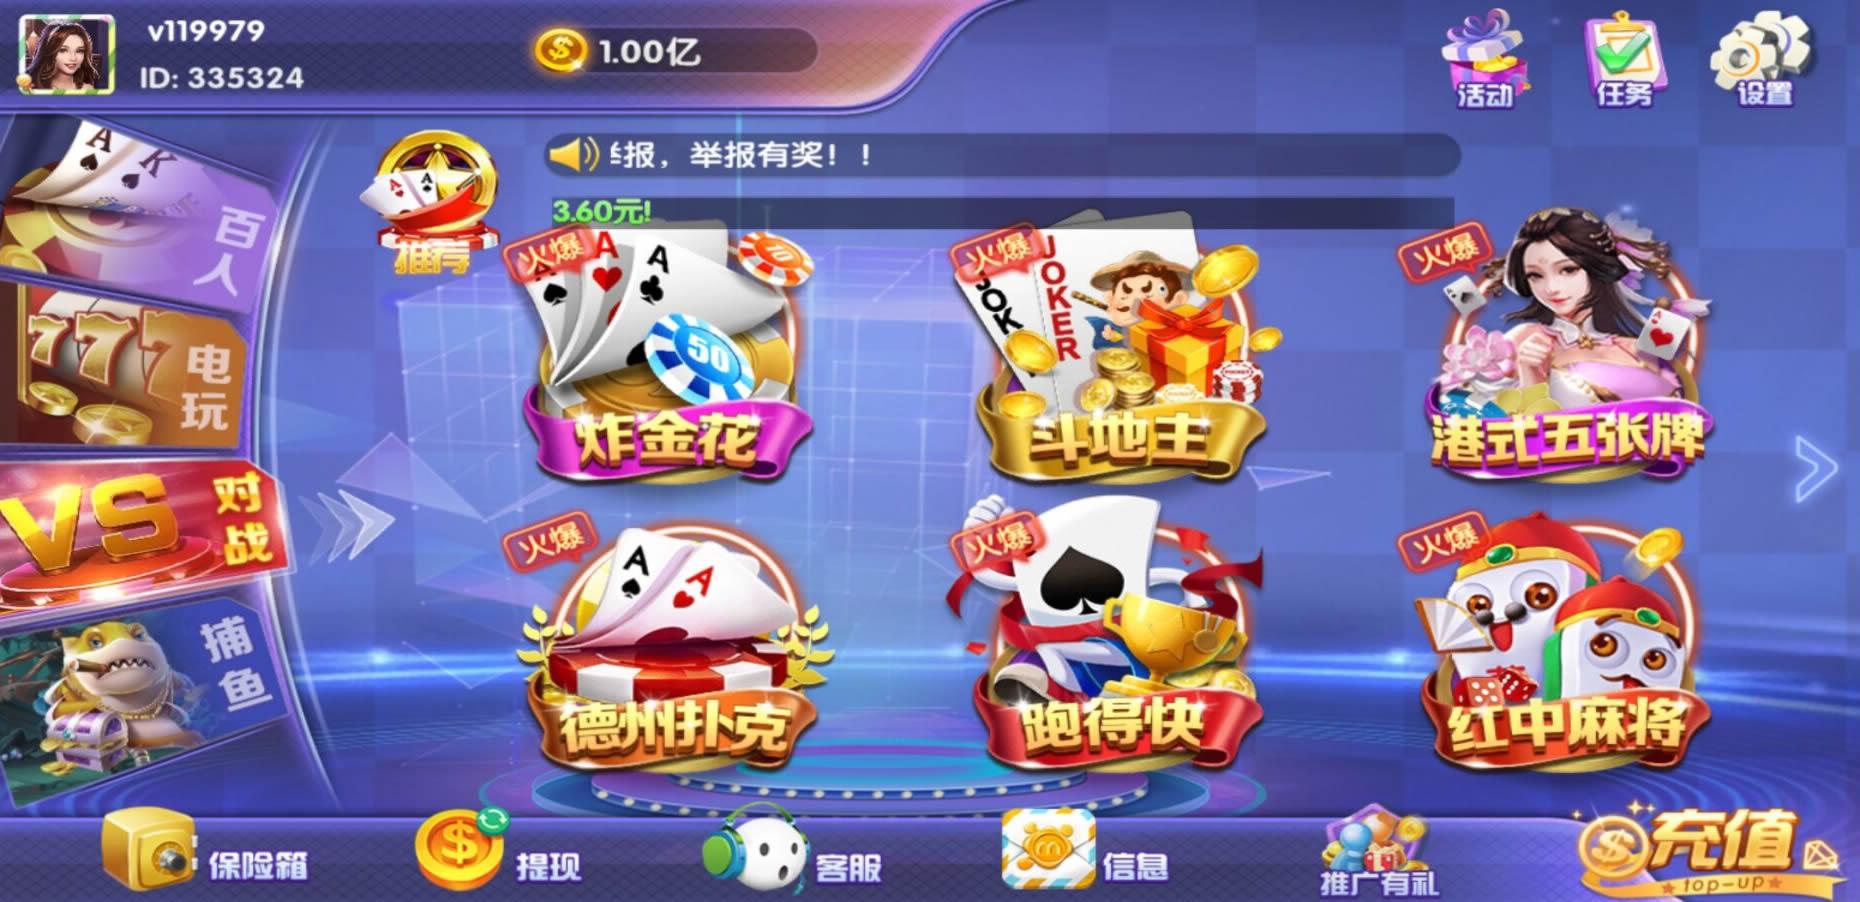 百棋大众 第二套UI 潮人娱乐,20多款子游戏 运营版插图(3)